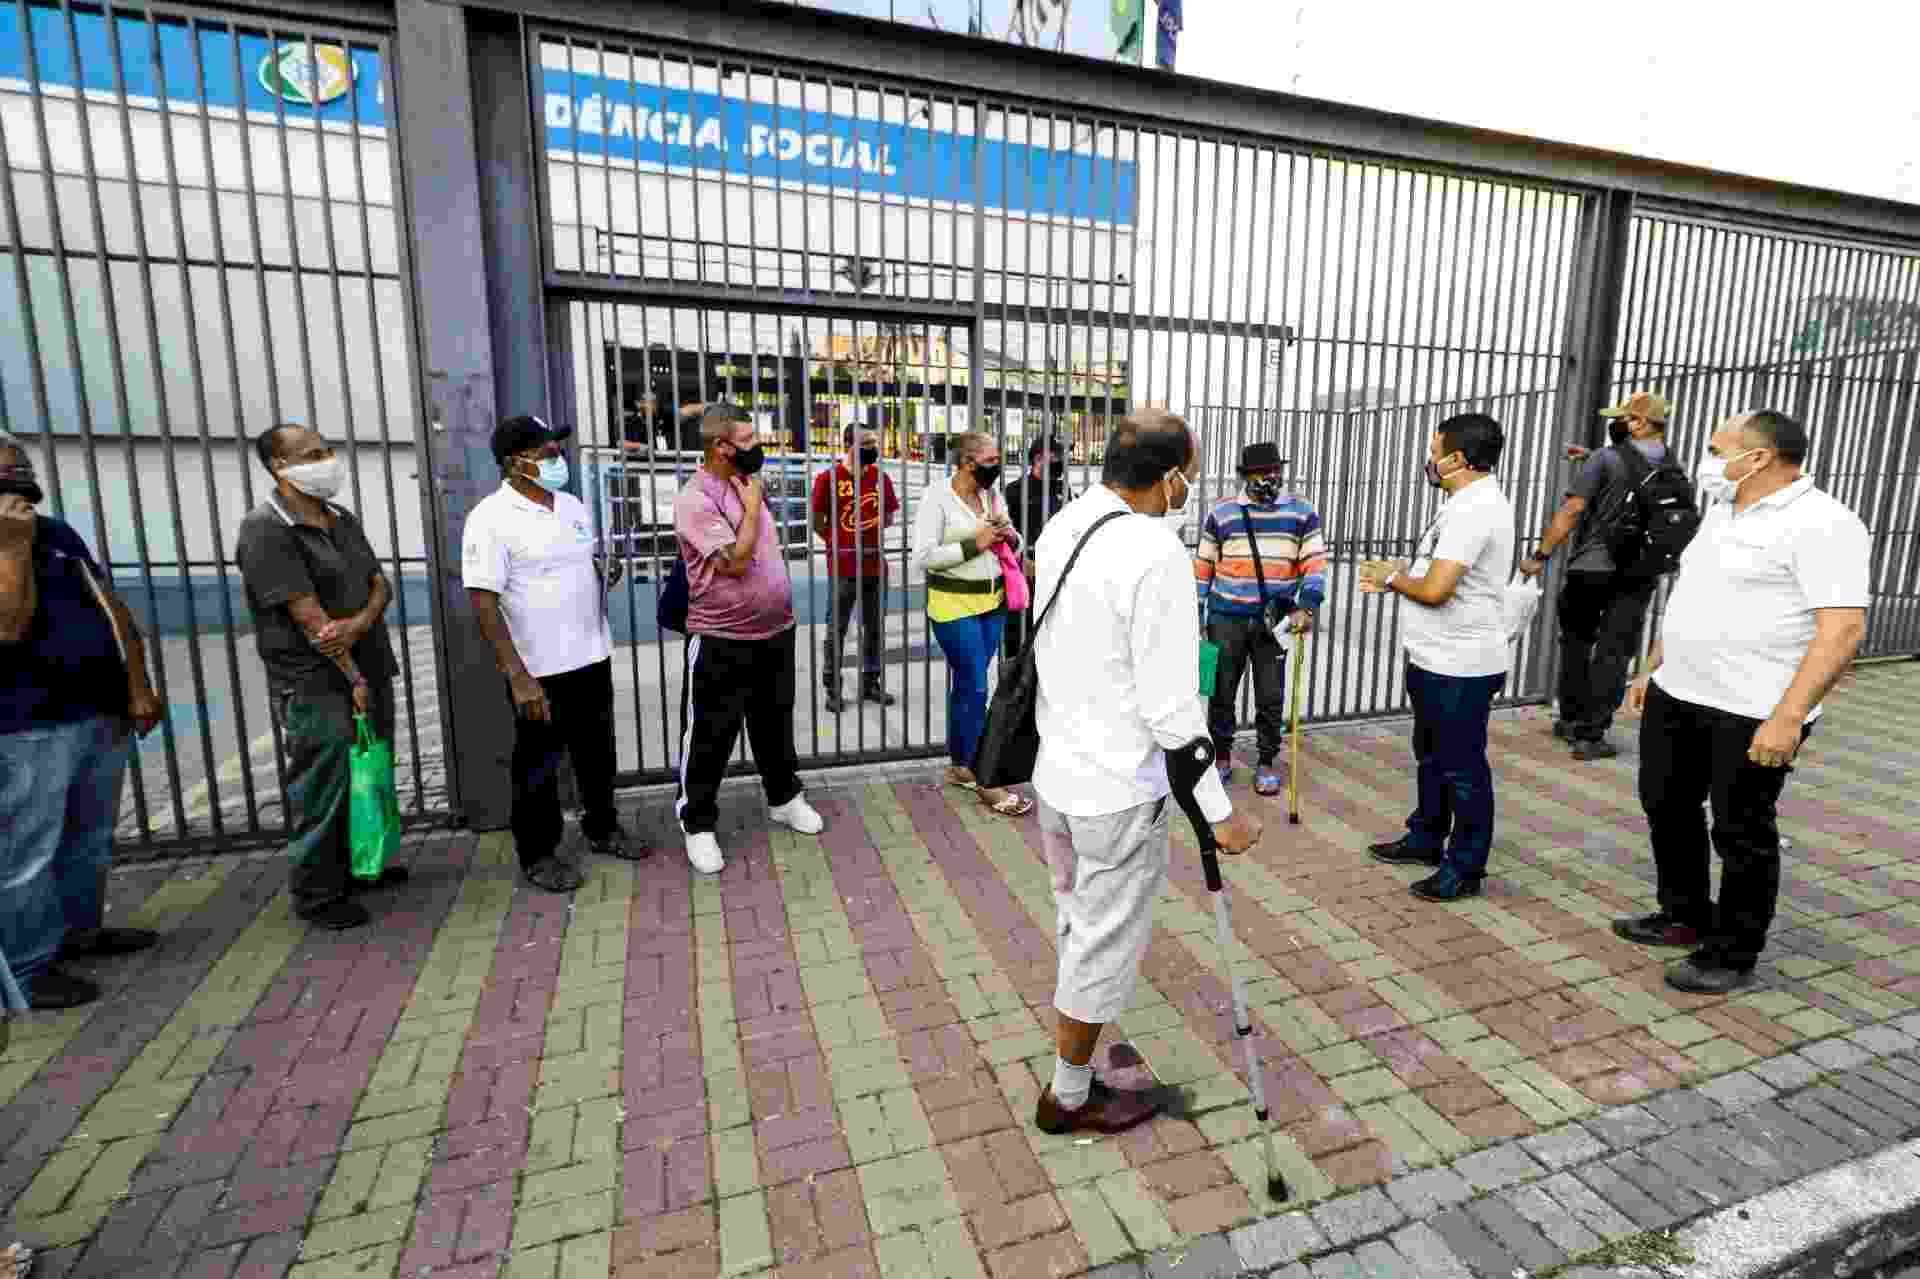 Reabertura das agências do INSS em São Paulo, programada para hoje, foi suspensa por decisão do TRF-3 - Aloísio Maurício/Fotoarena/Estadão Conteúdo